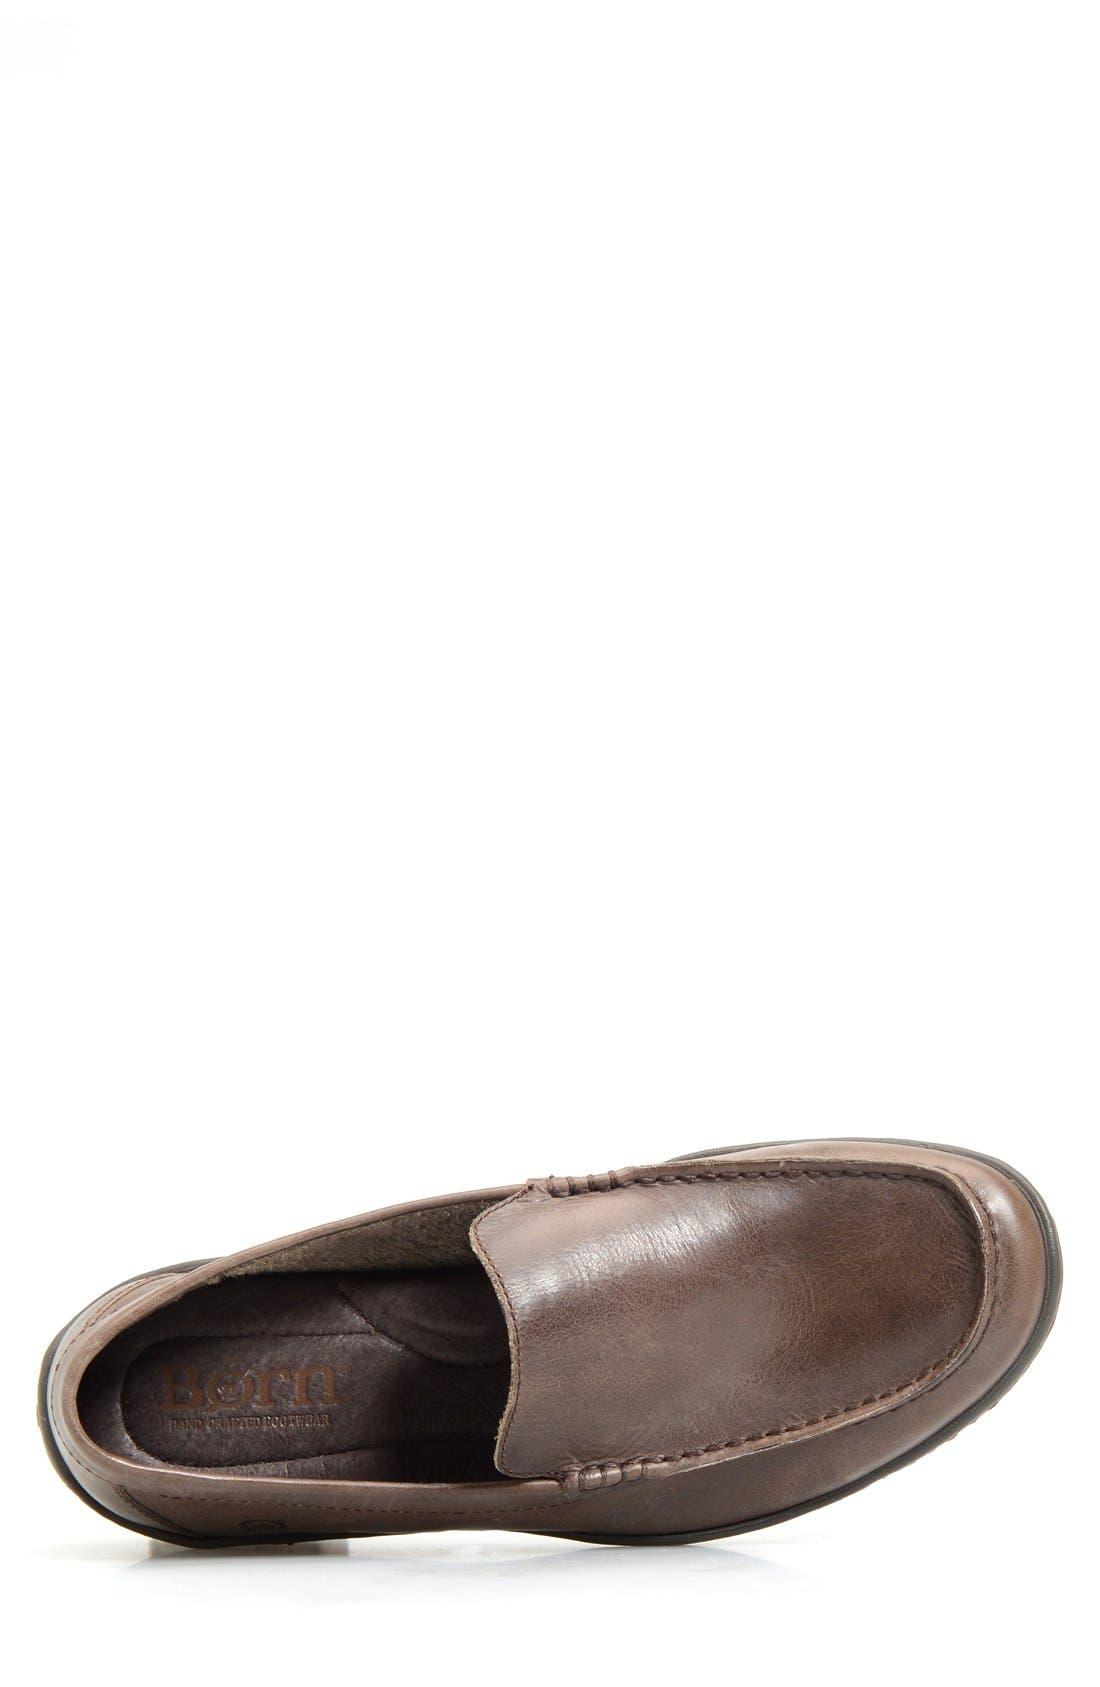 Alternate Image 3  - Børn 'Harmon' Loafer (Men)